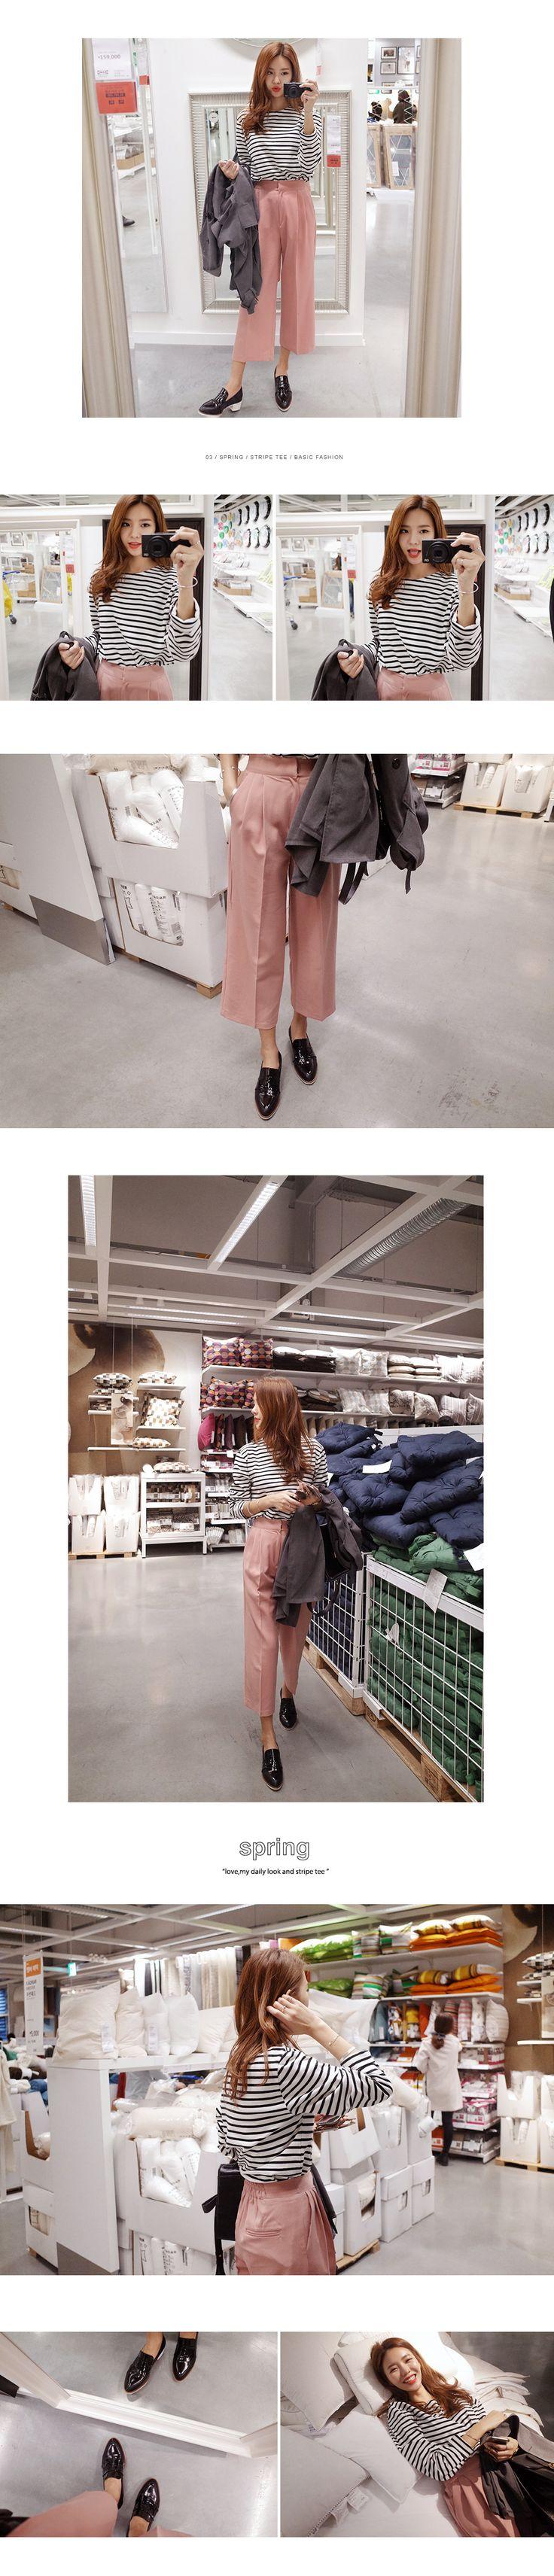 8colorボーダートップス・全8色トップス・カットソーカットソー・Tシャツ レディースファッション通販 DHOLICディーホリック [ファストファッション 水着 ワンピース]